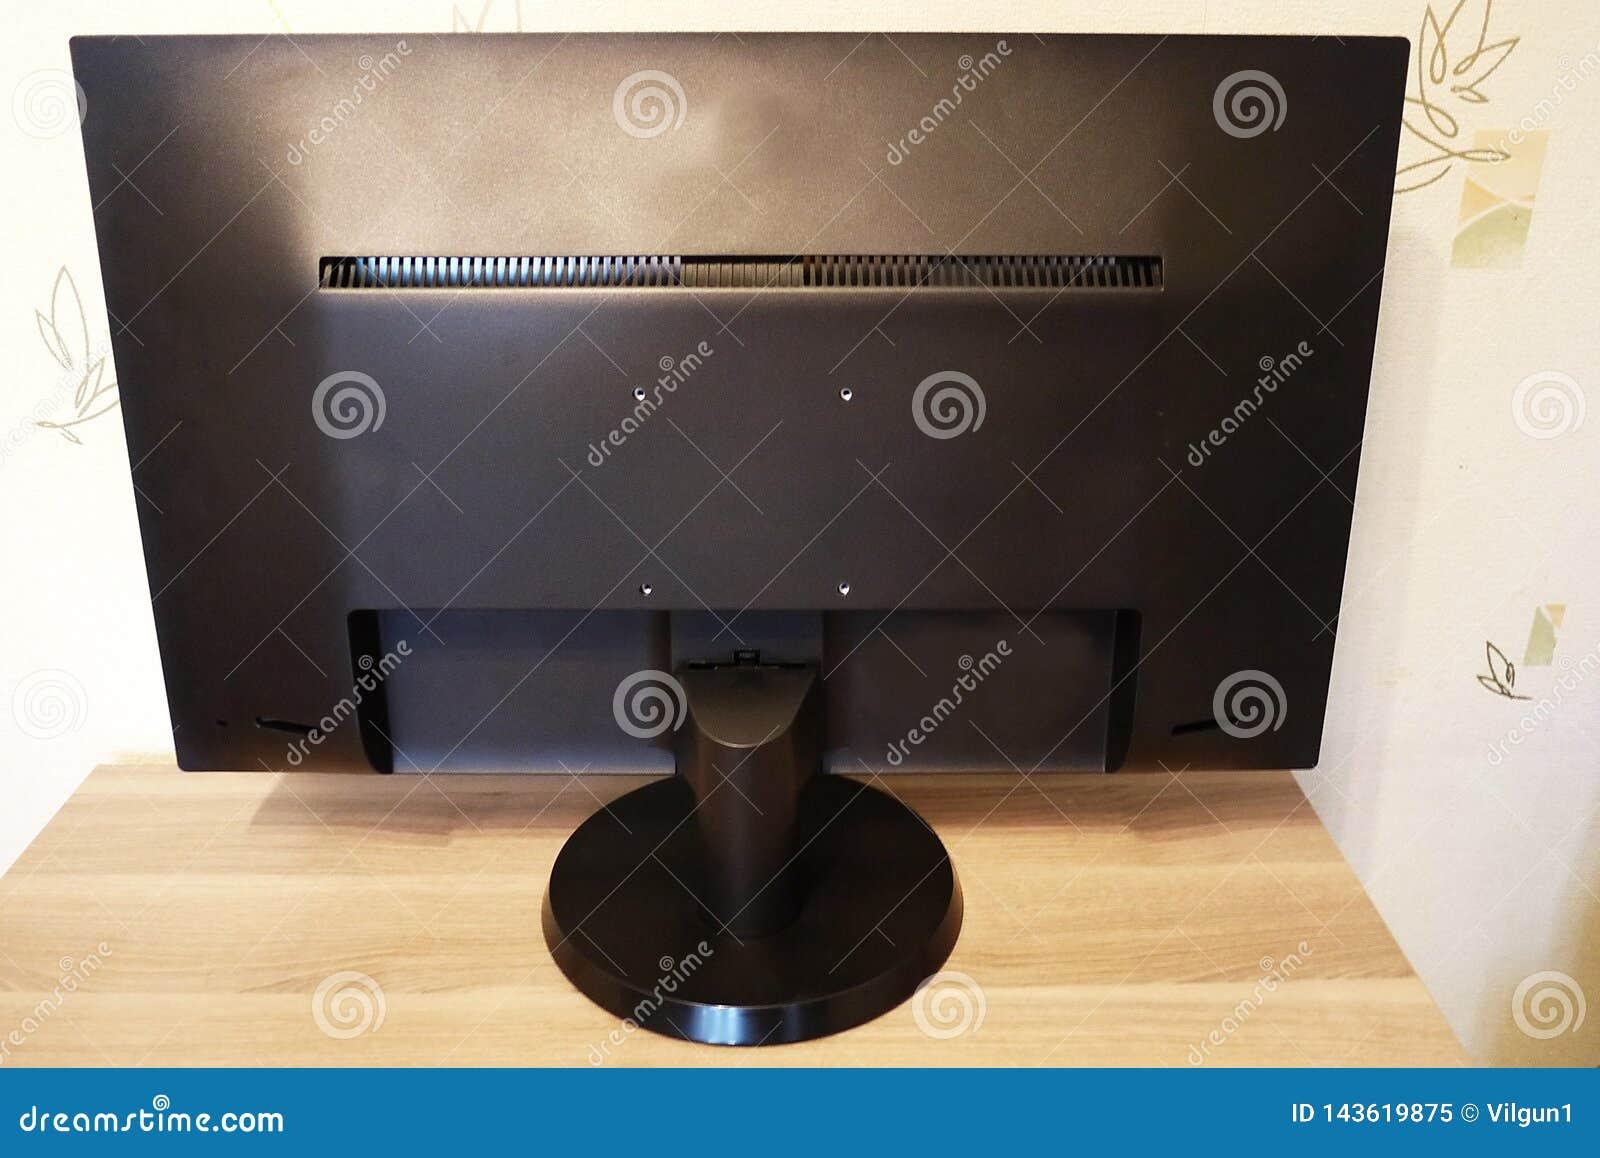 Monitor z szerokim ekranem dla fotografii edytorstwa piękny zbliżenia szczegółów wnętrza talerza stołu rocznik drewniany